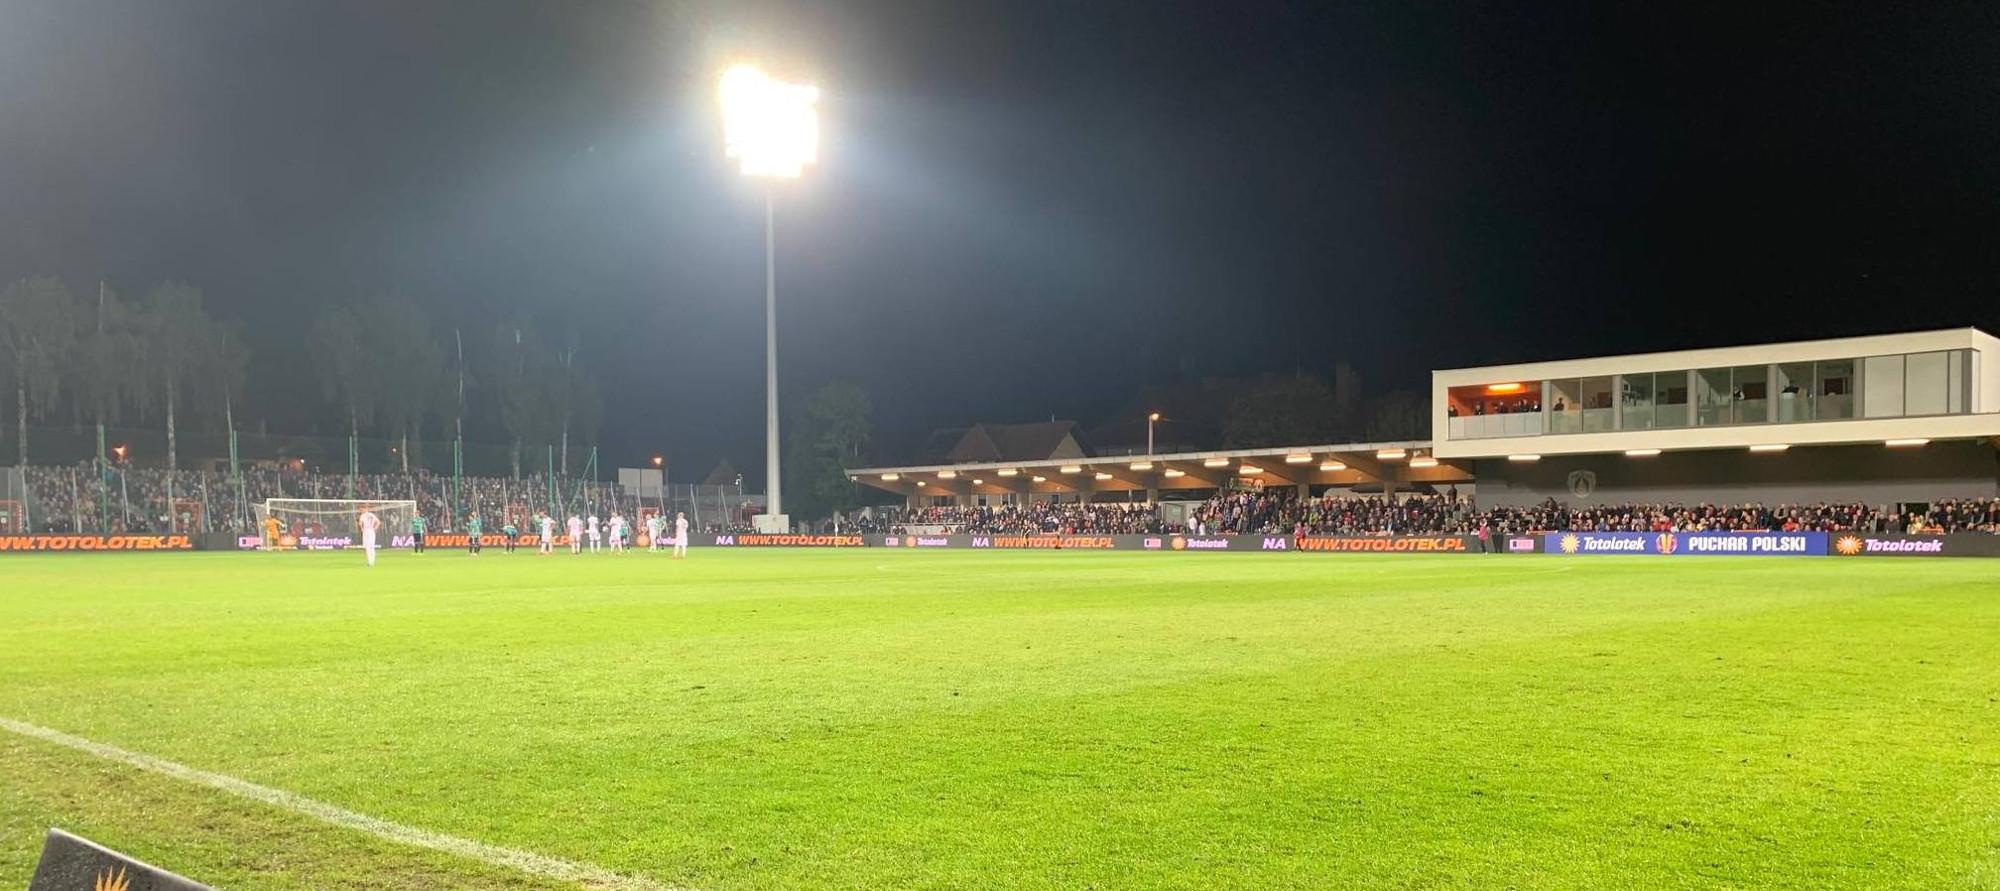 stadion puszcza